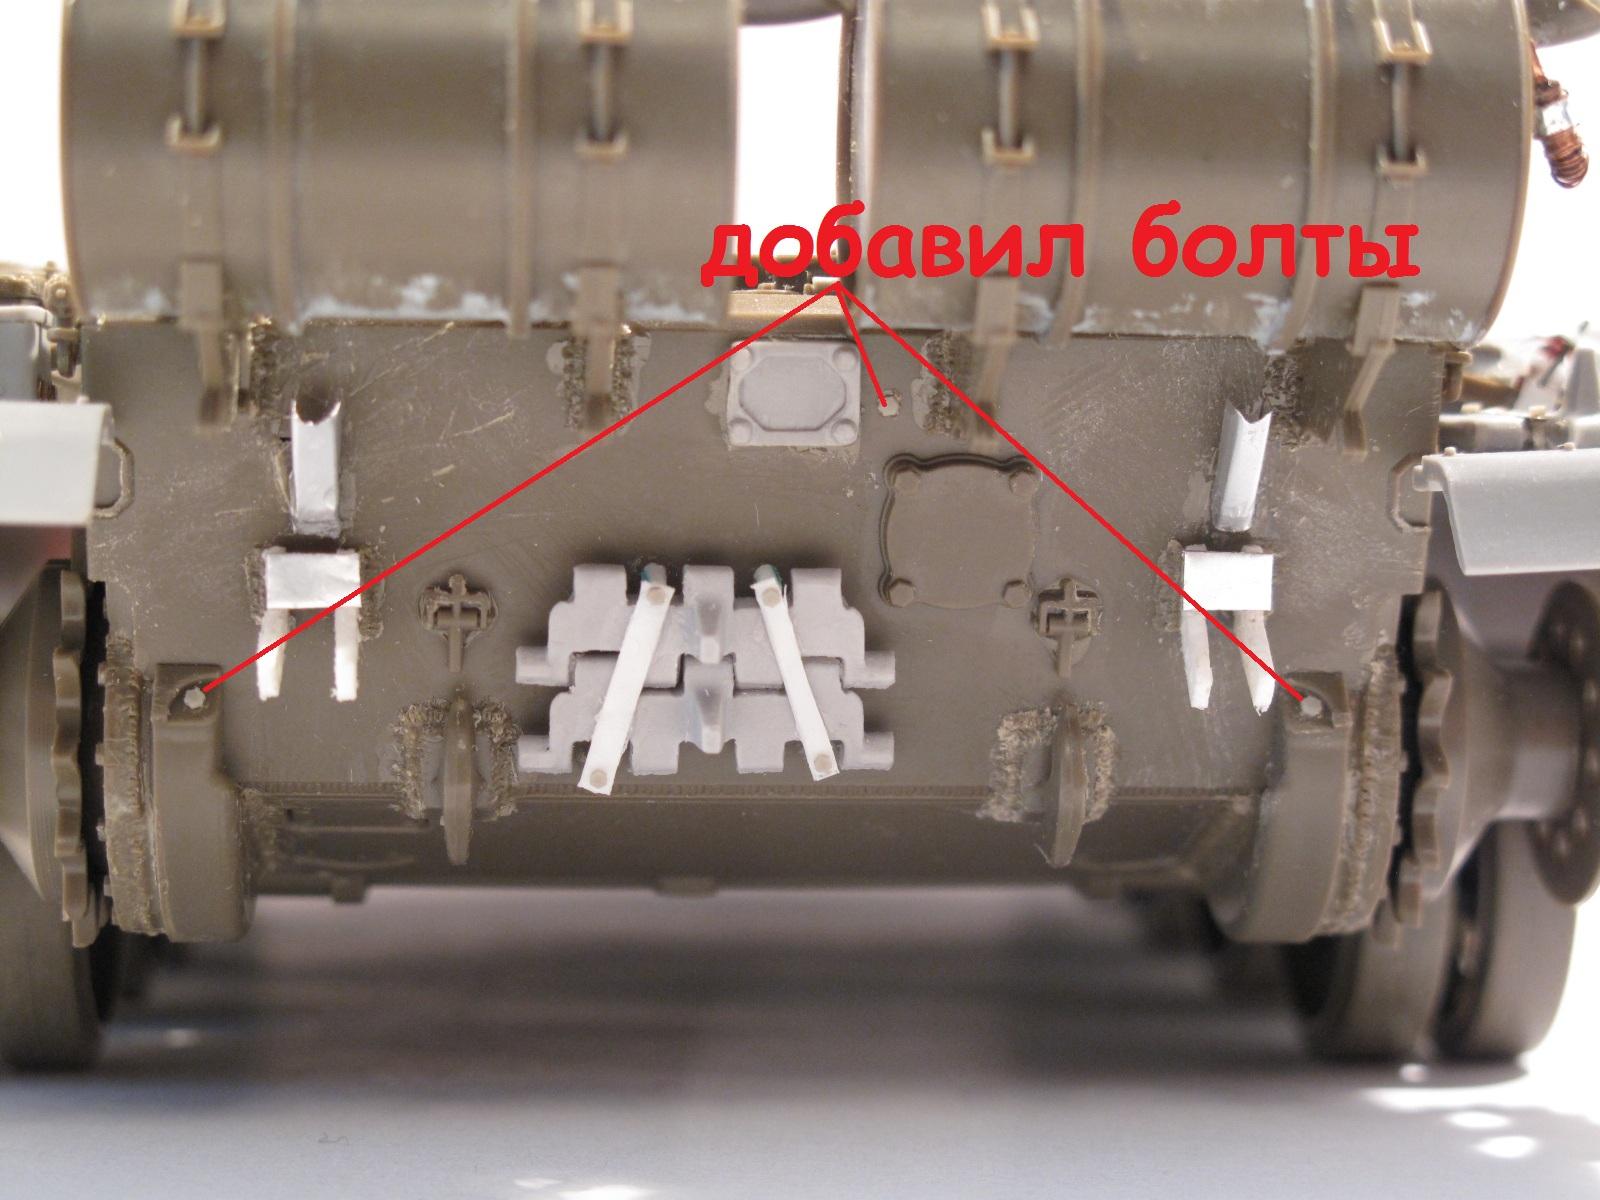 http://s4.uploads.ru/0mcaj.jpg